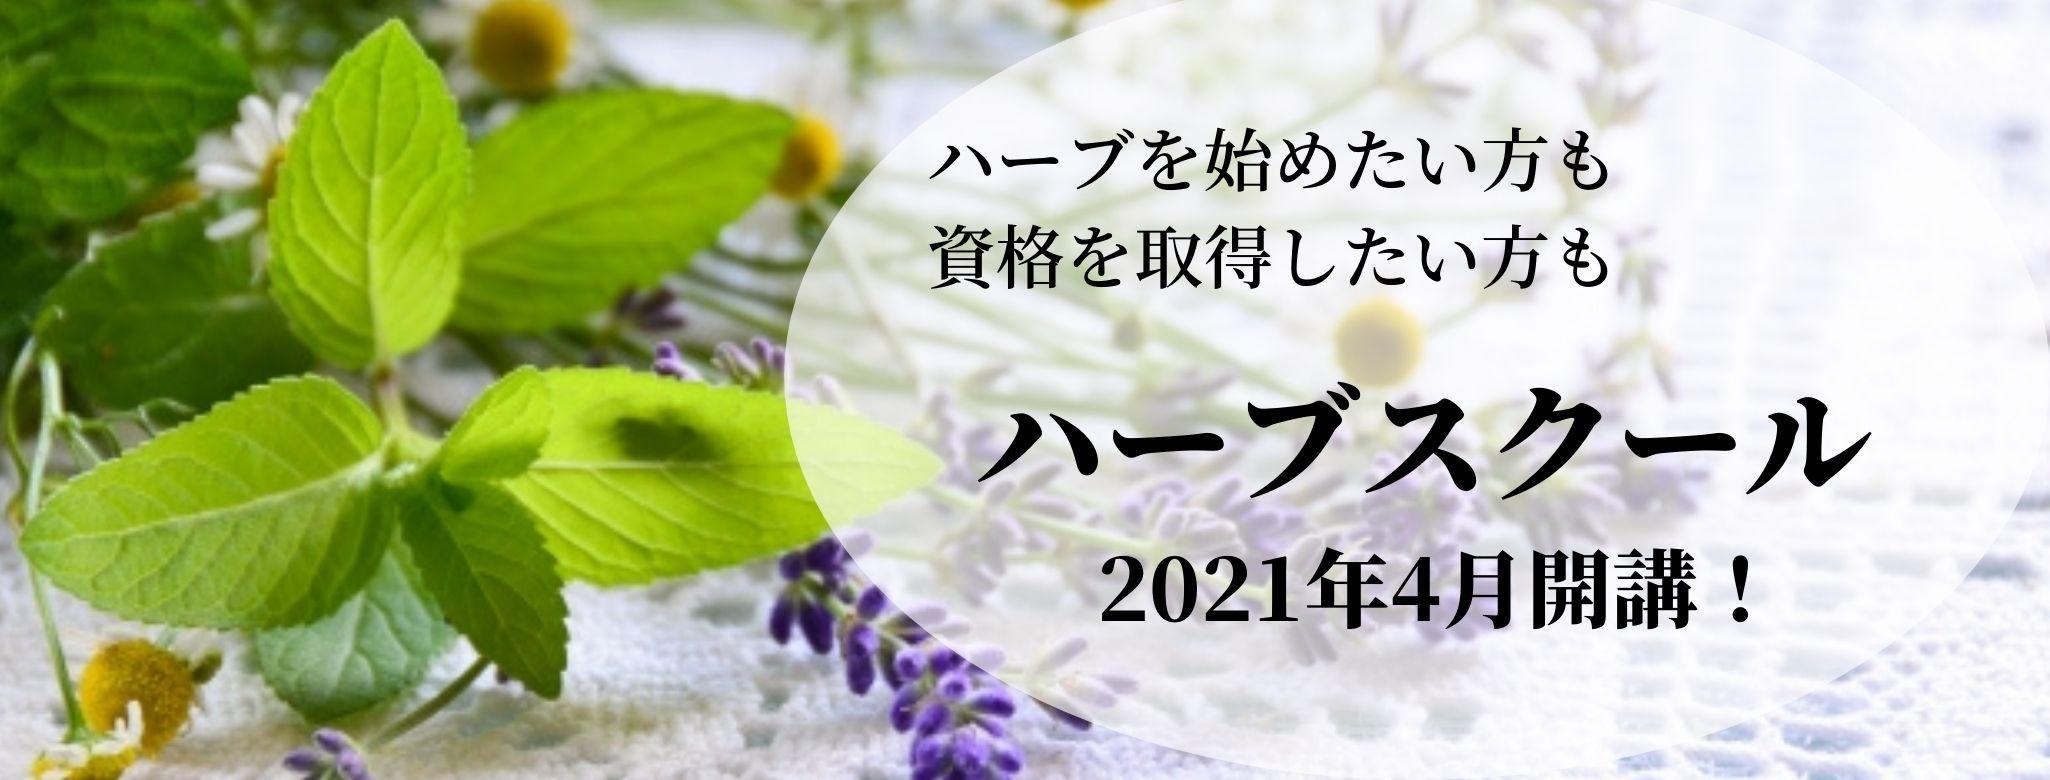 ハーブ資格取得講座 2021年4月開講